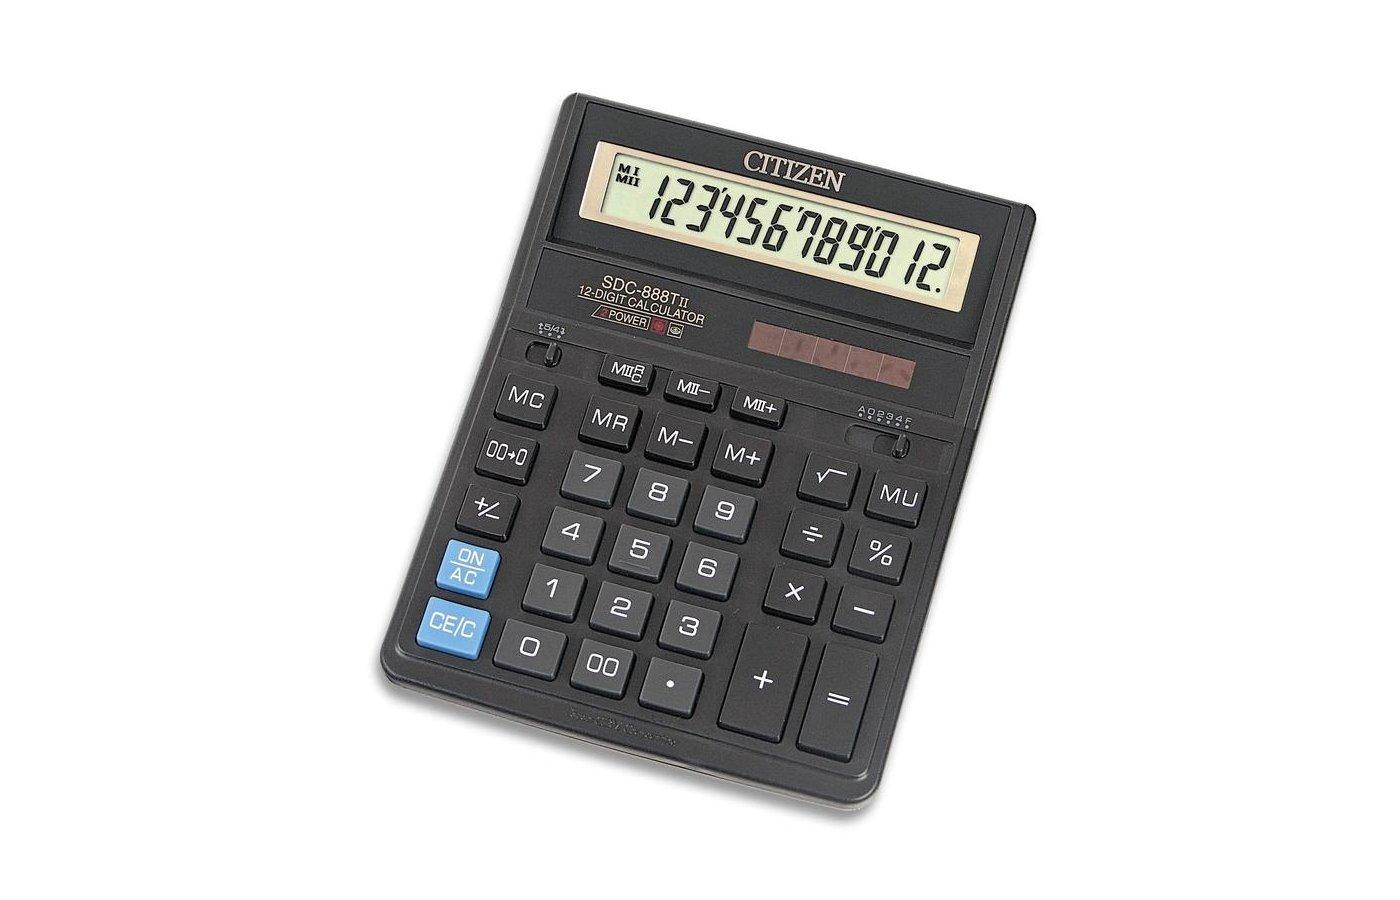 Калькулятор Citizen SDC-888TII черный 12-разр.